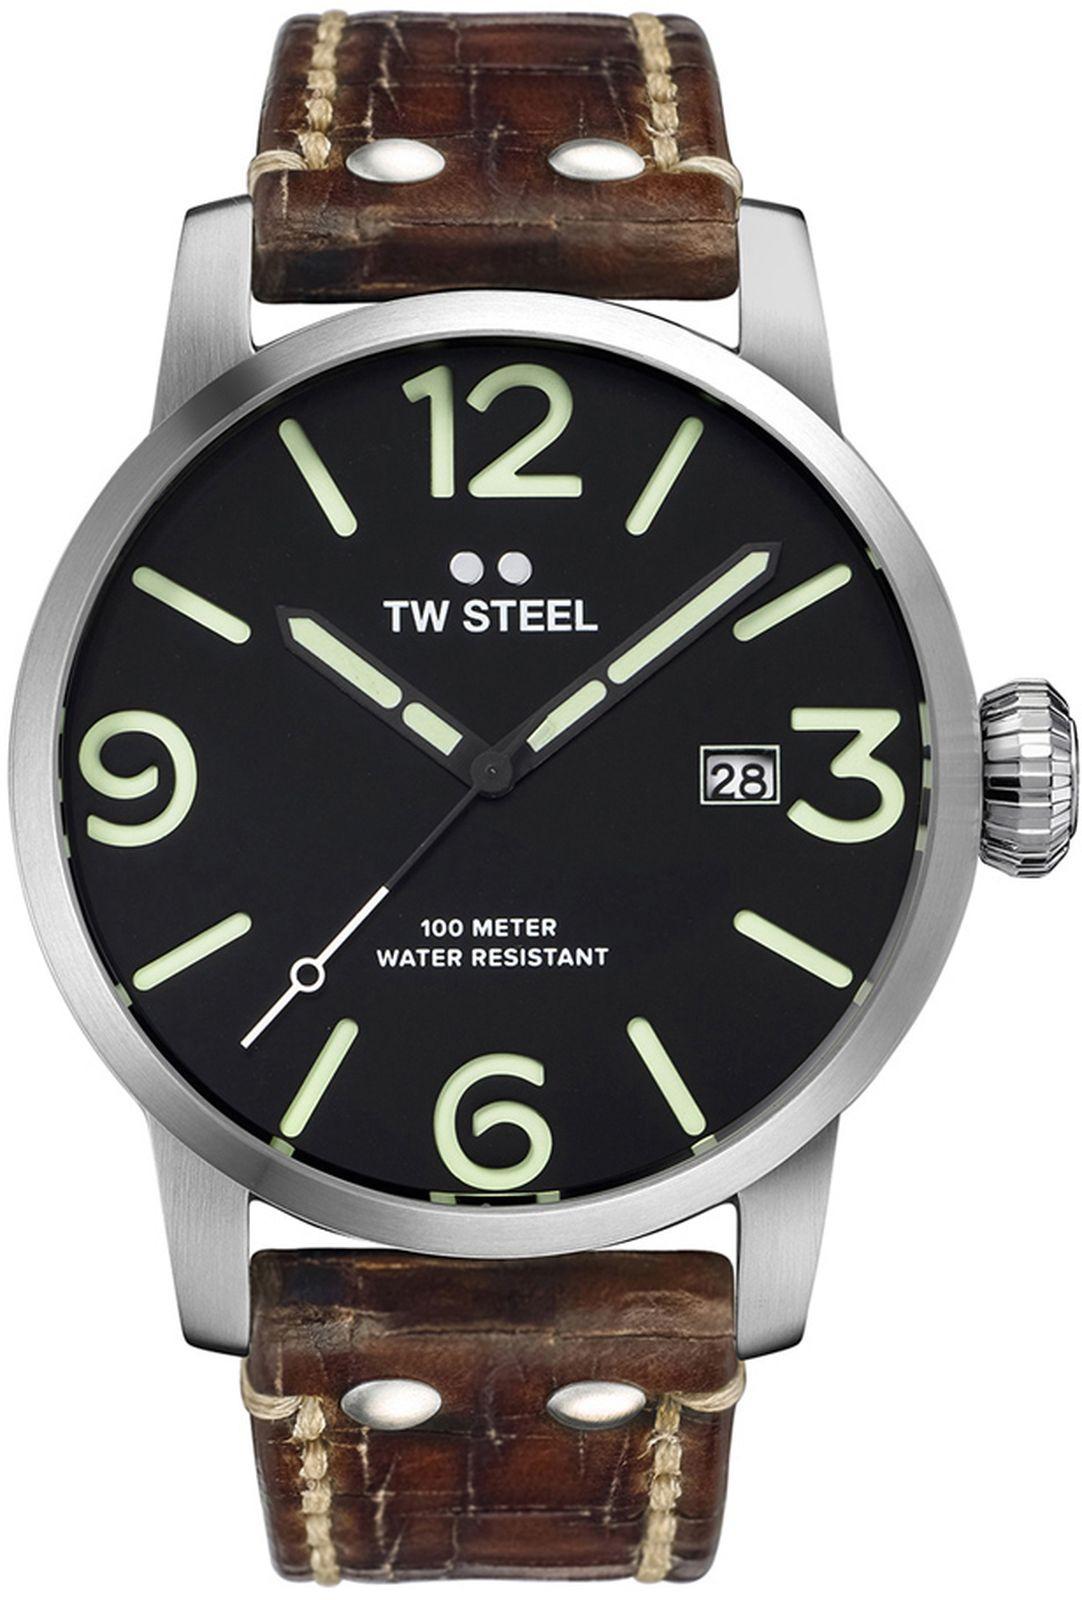 Наручные часы TW Steel мужские, коричневый